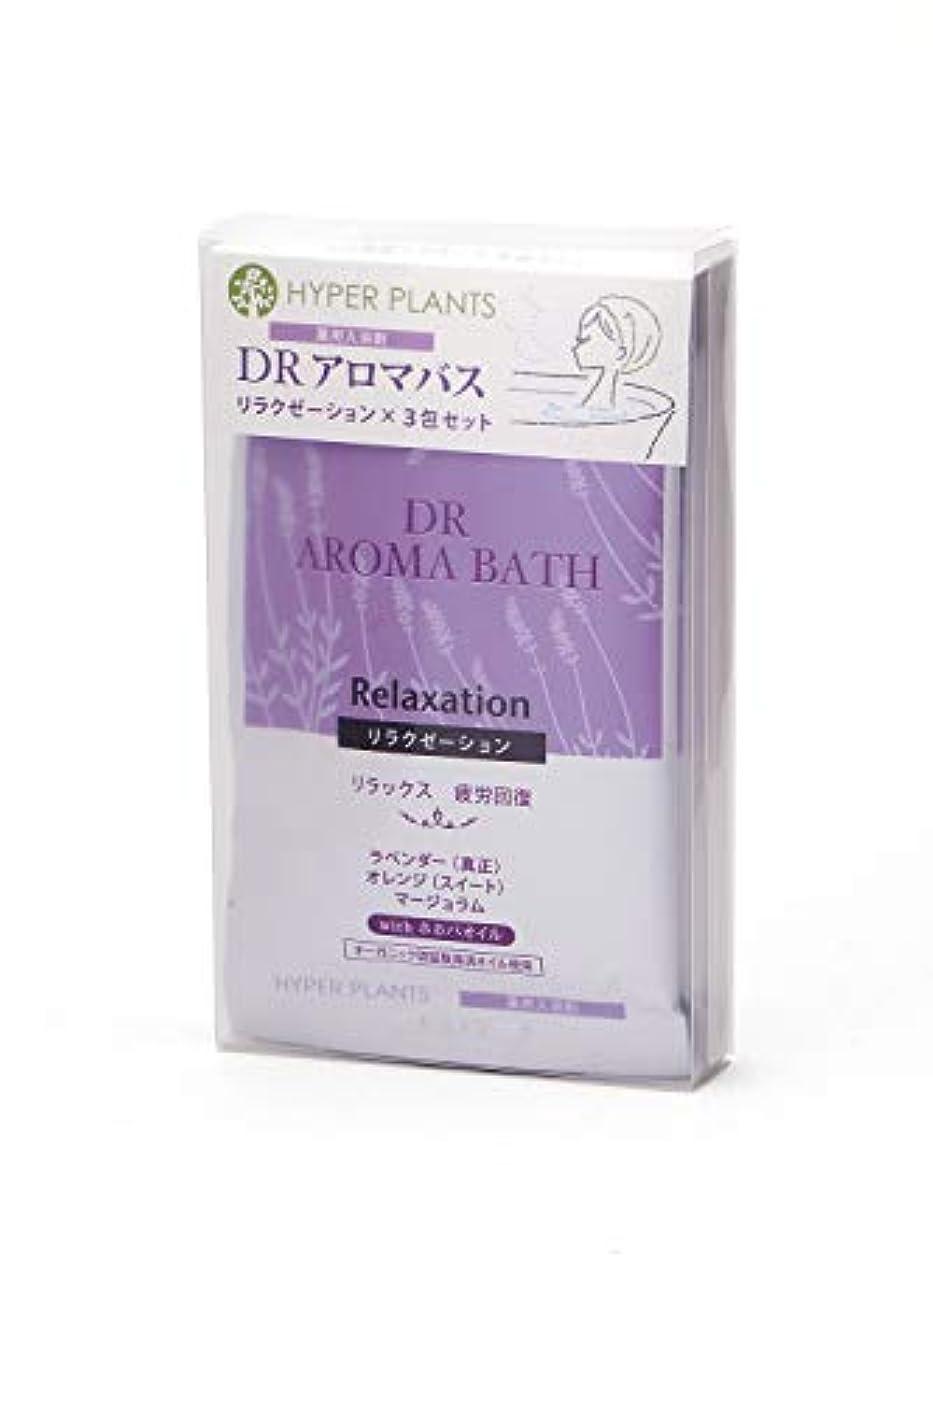 受け継ぐ提供された表示医薬部外品 薬用入浴剤 ハイパープランツ DRアロマバス リラクゼーション 3包セット